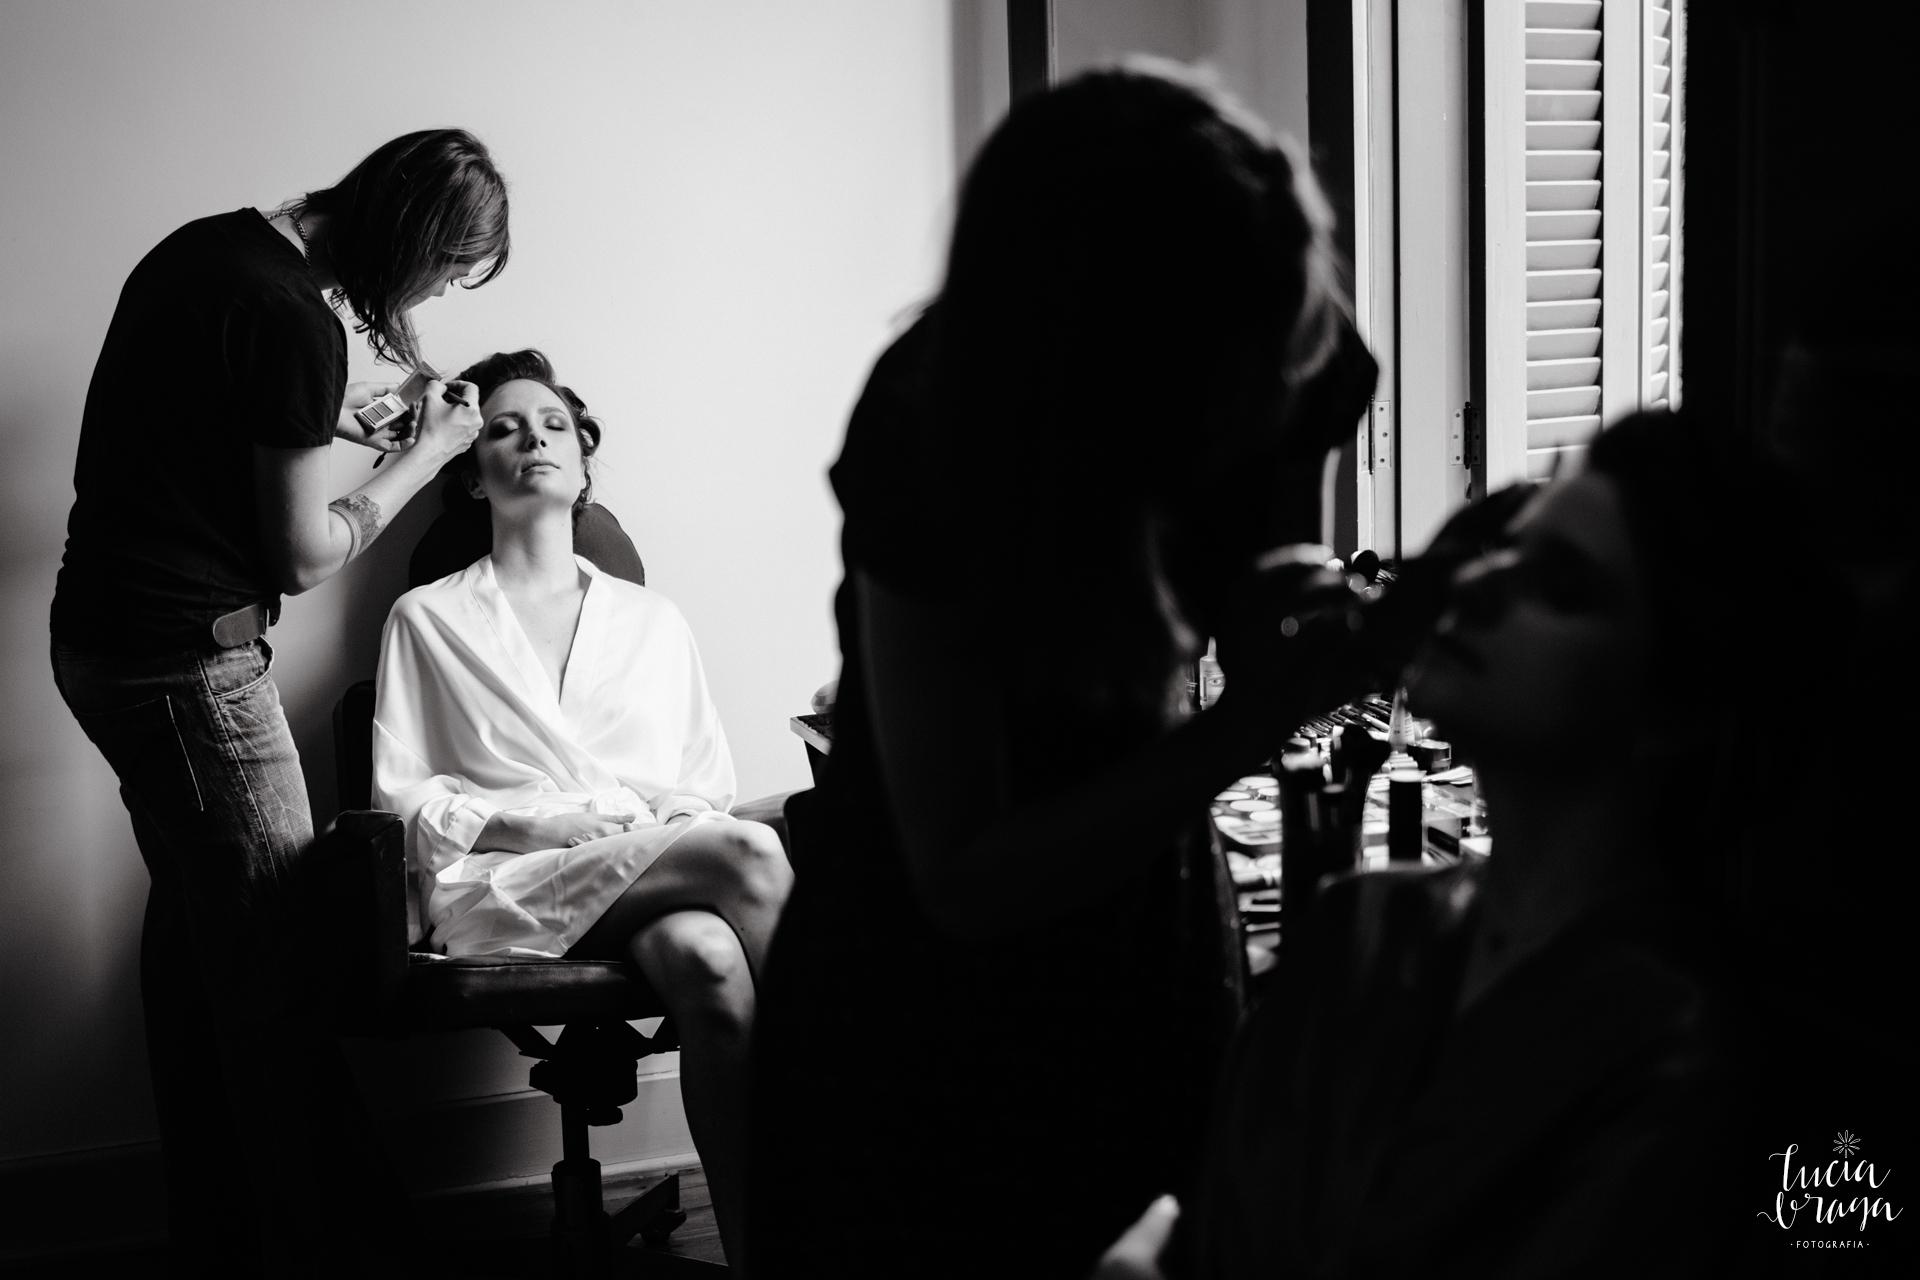 making of, casamento, fotografia de casamento, capela sion, colegio sion, colegio sion campanha, casamento em minas, fotografo minas, fotografo varginha, fotografo campanha, fotografo são paulo